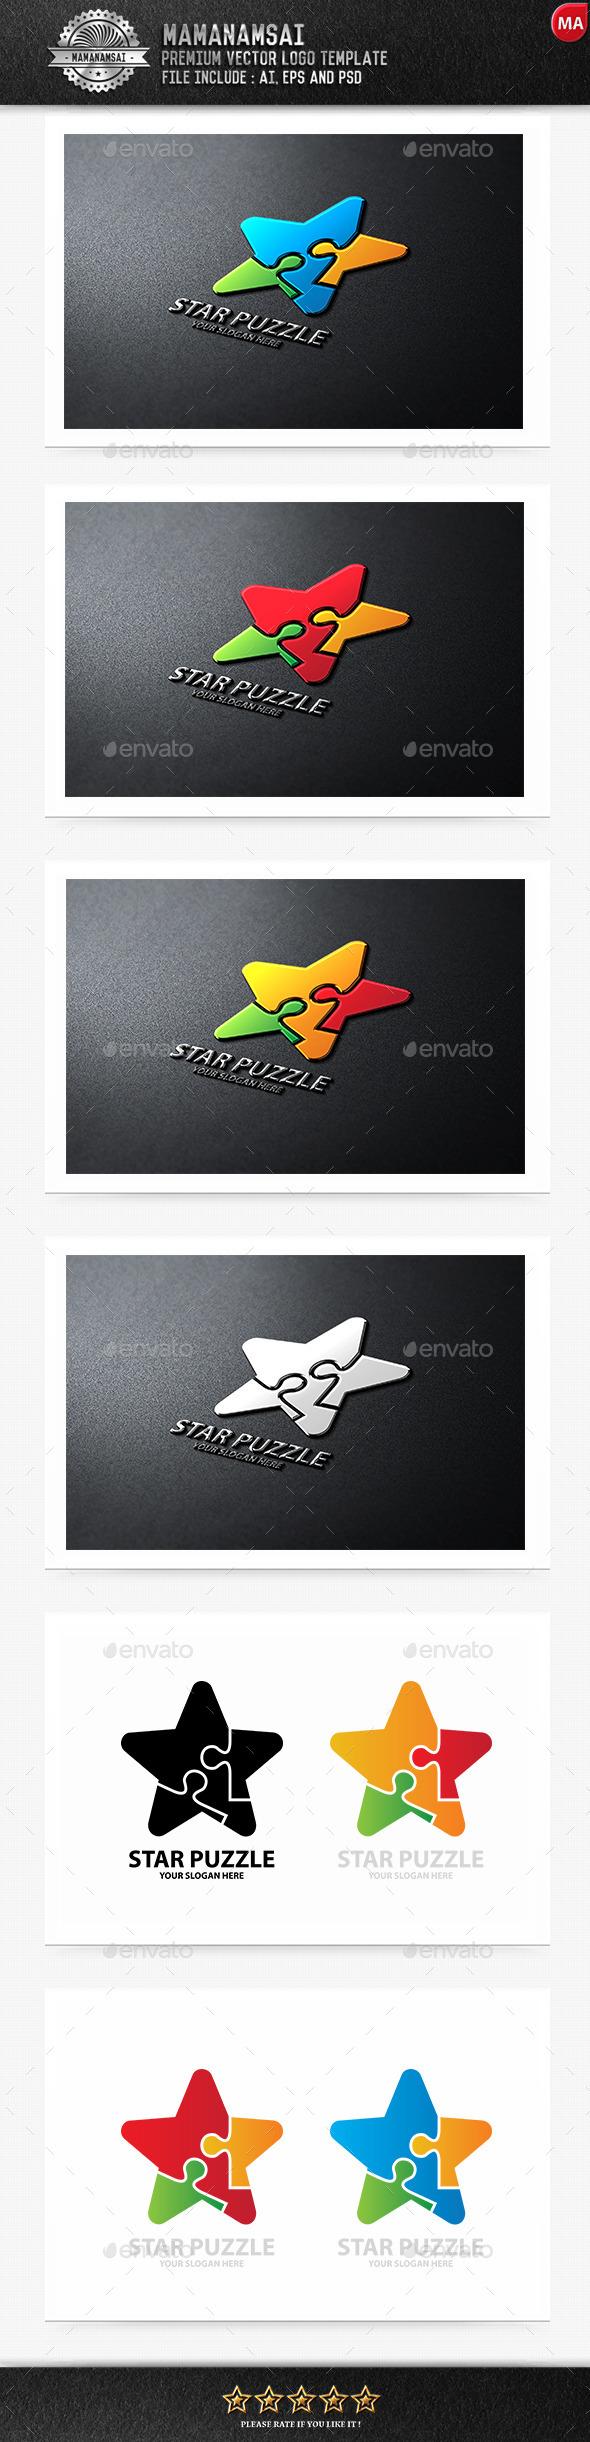 GraphicRiver Star Puzzle Logo 9672569